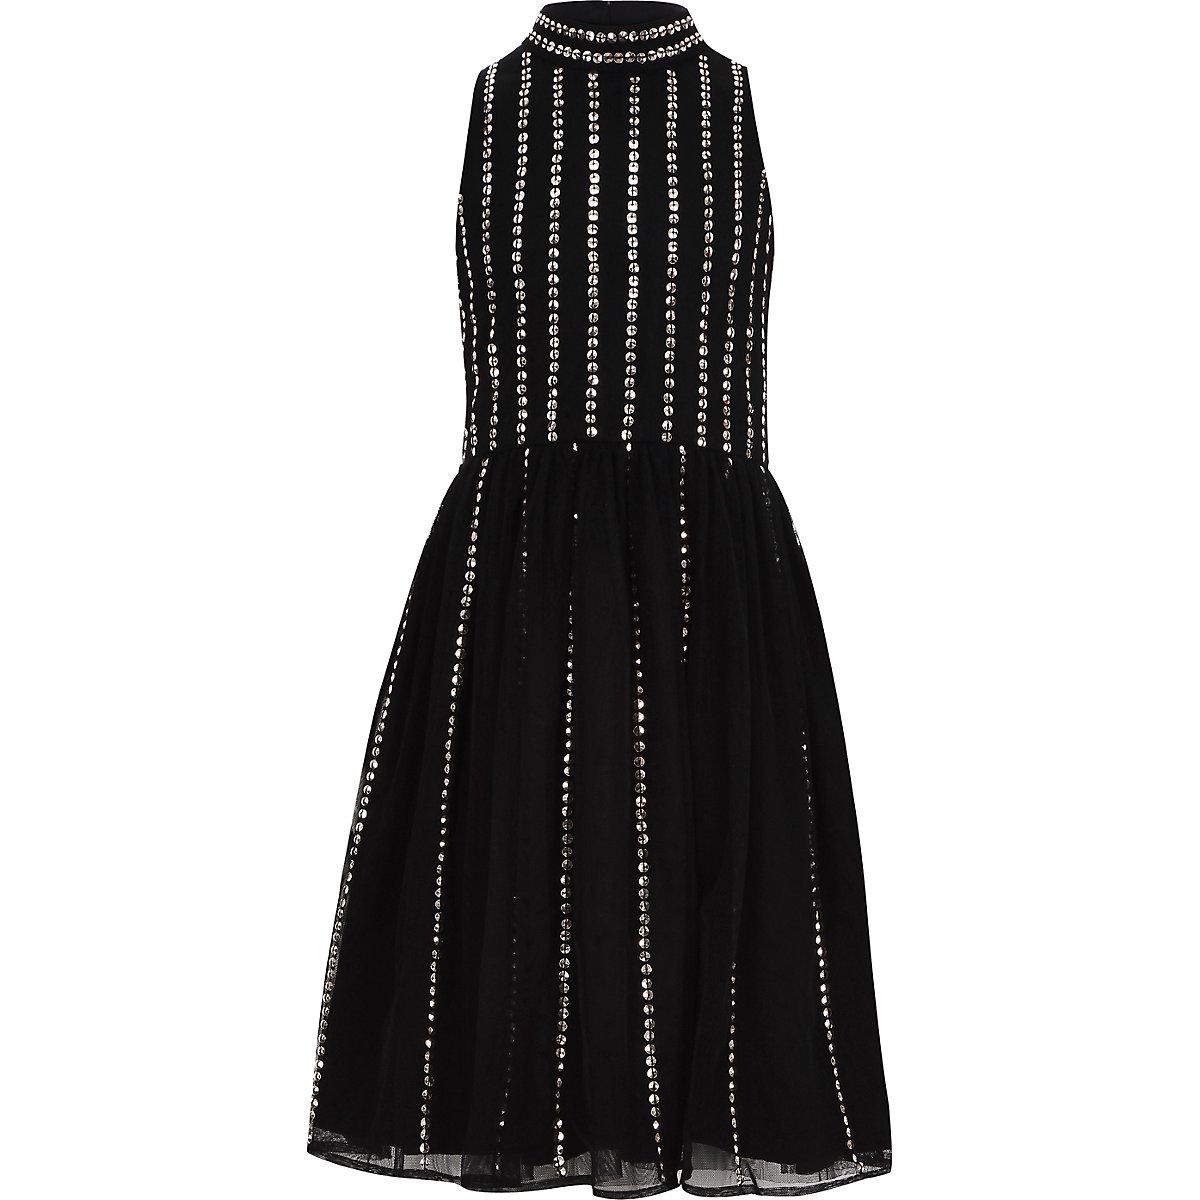 Girls black sequin embellished prom dress